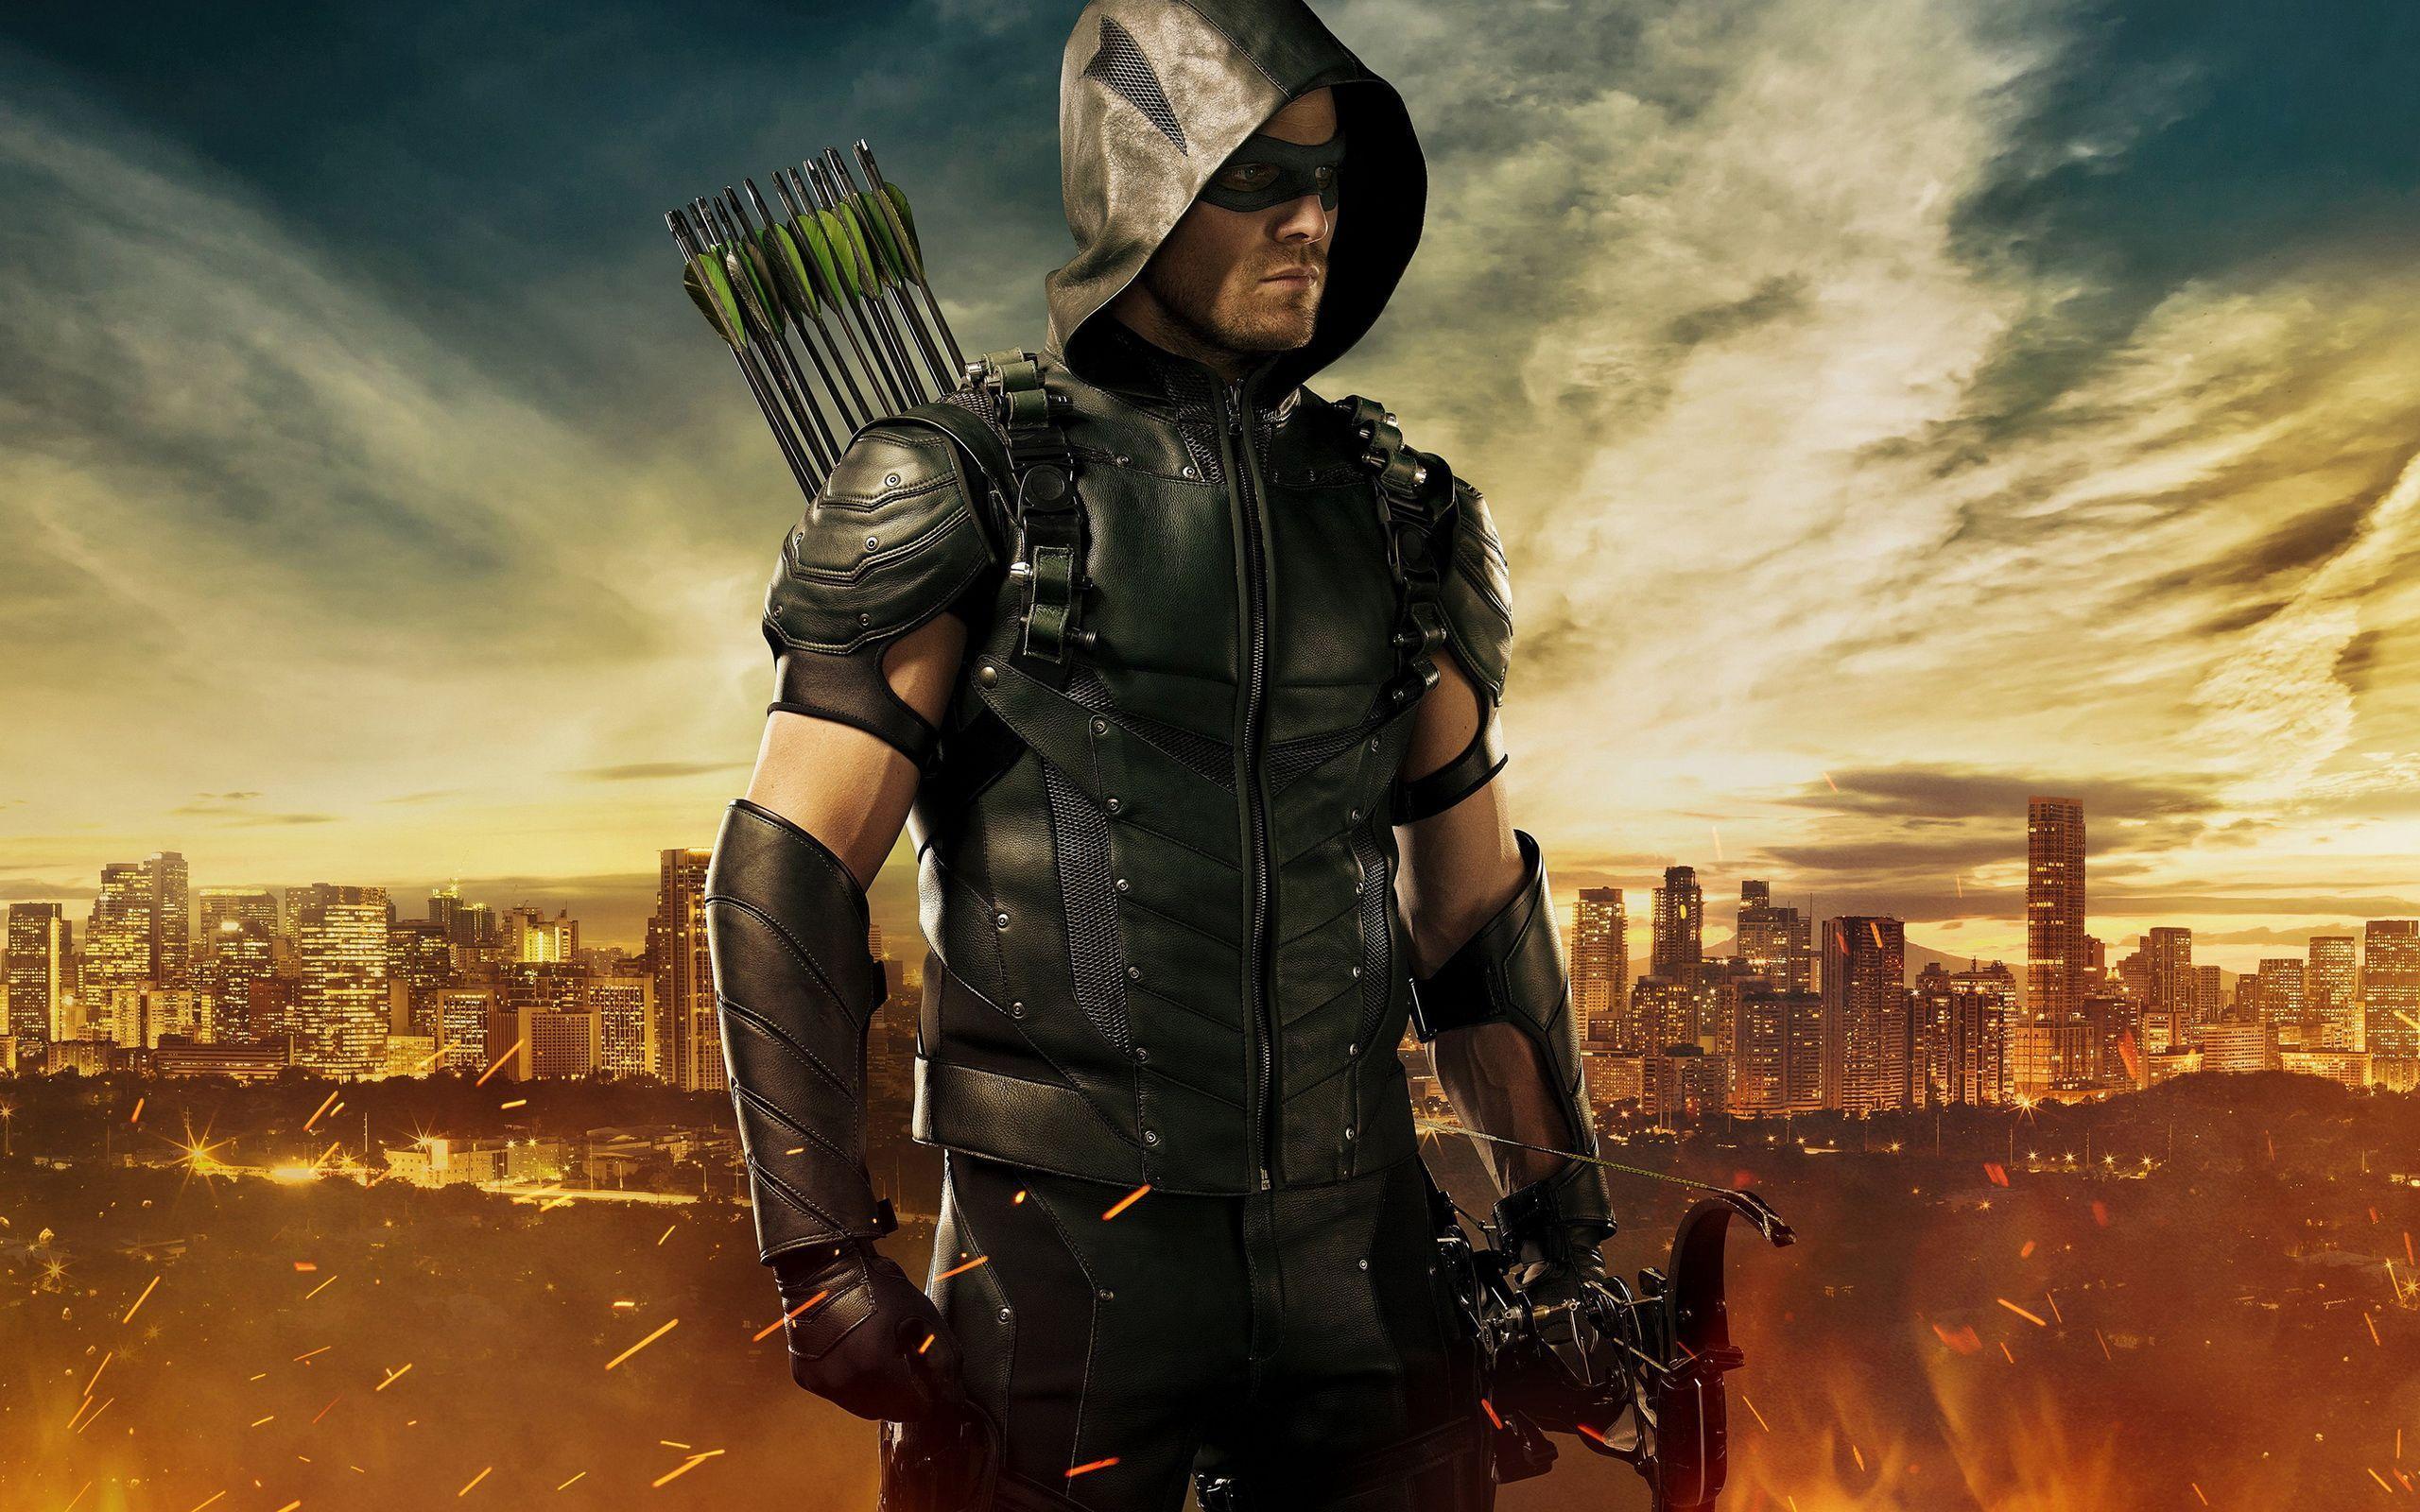 Tv Wallpapers 025 Arrow, Ash Vs Evil Dead, Breaking - Arrow Season 4 , HD Wallpaper & Backgrounds